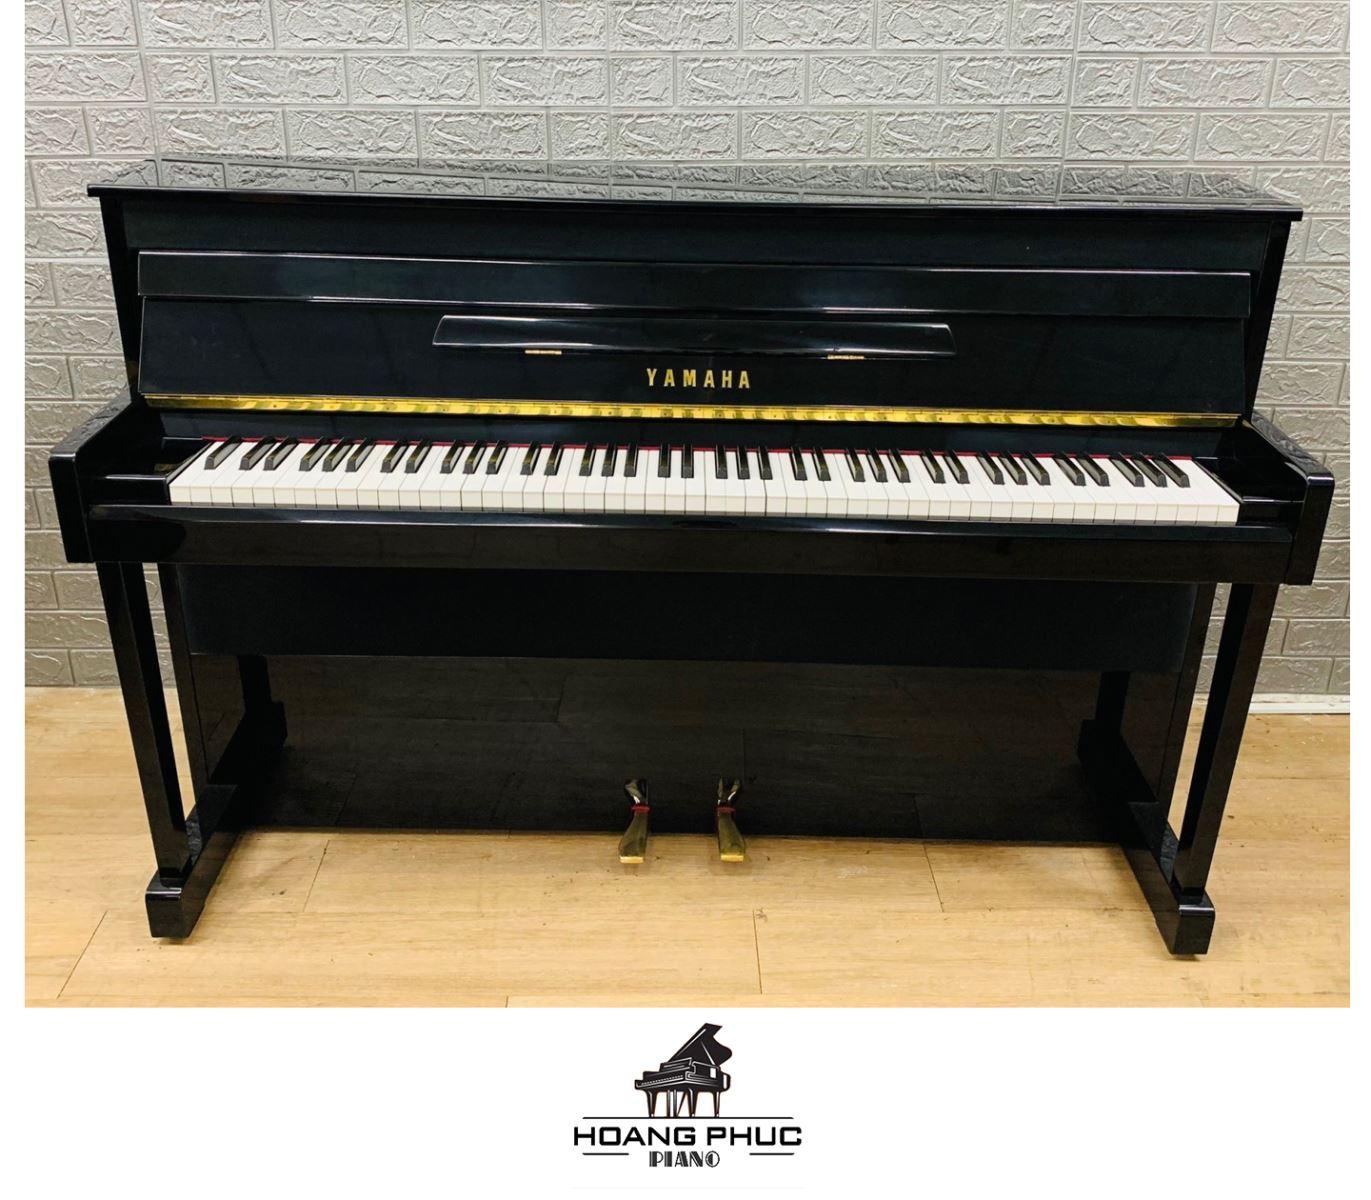 PIANO YAMAHA DUP-1 PE